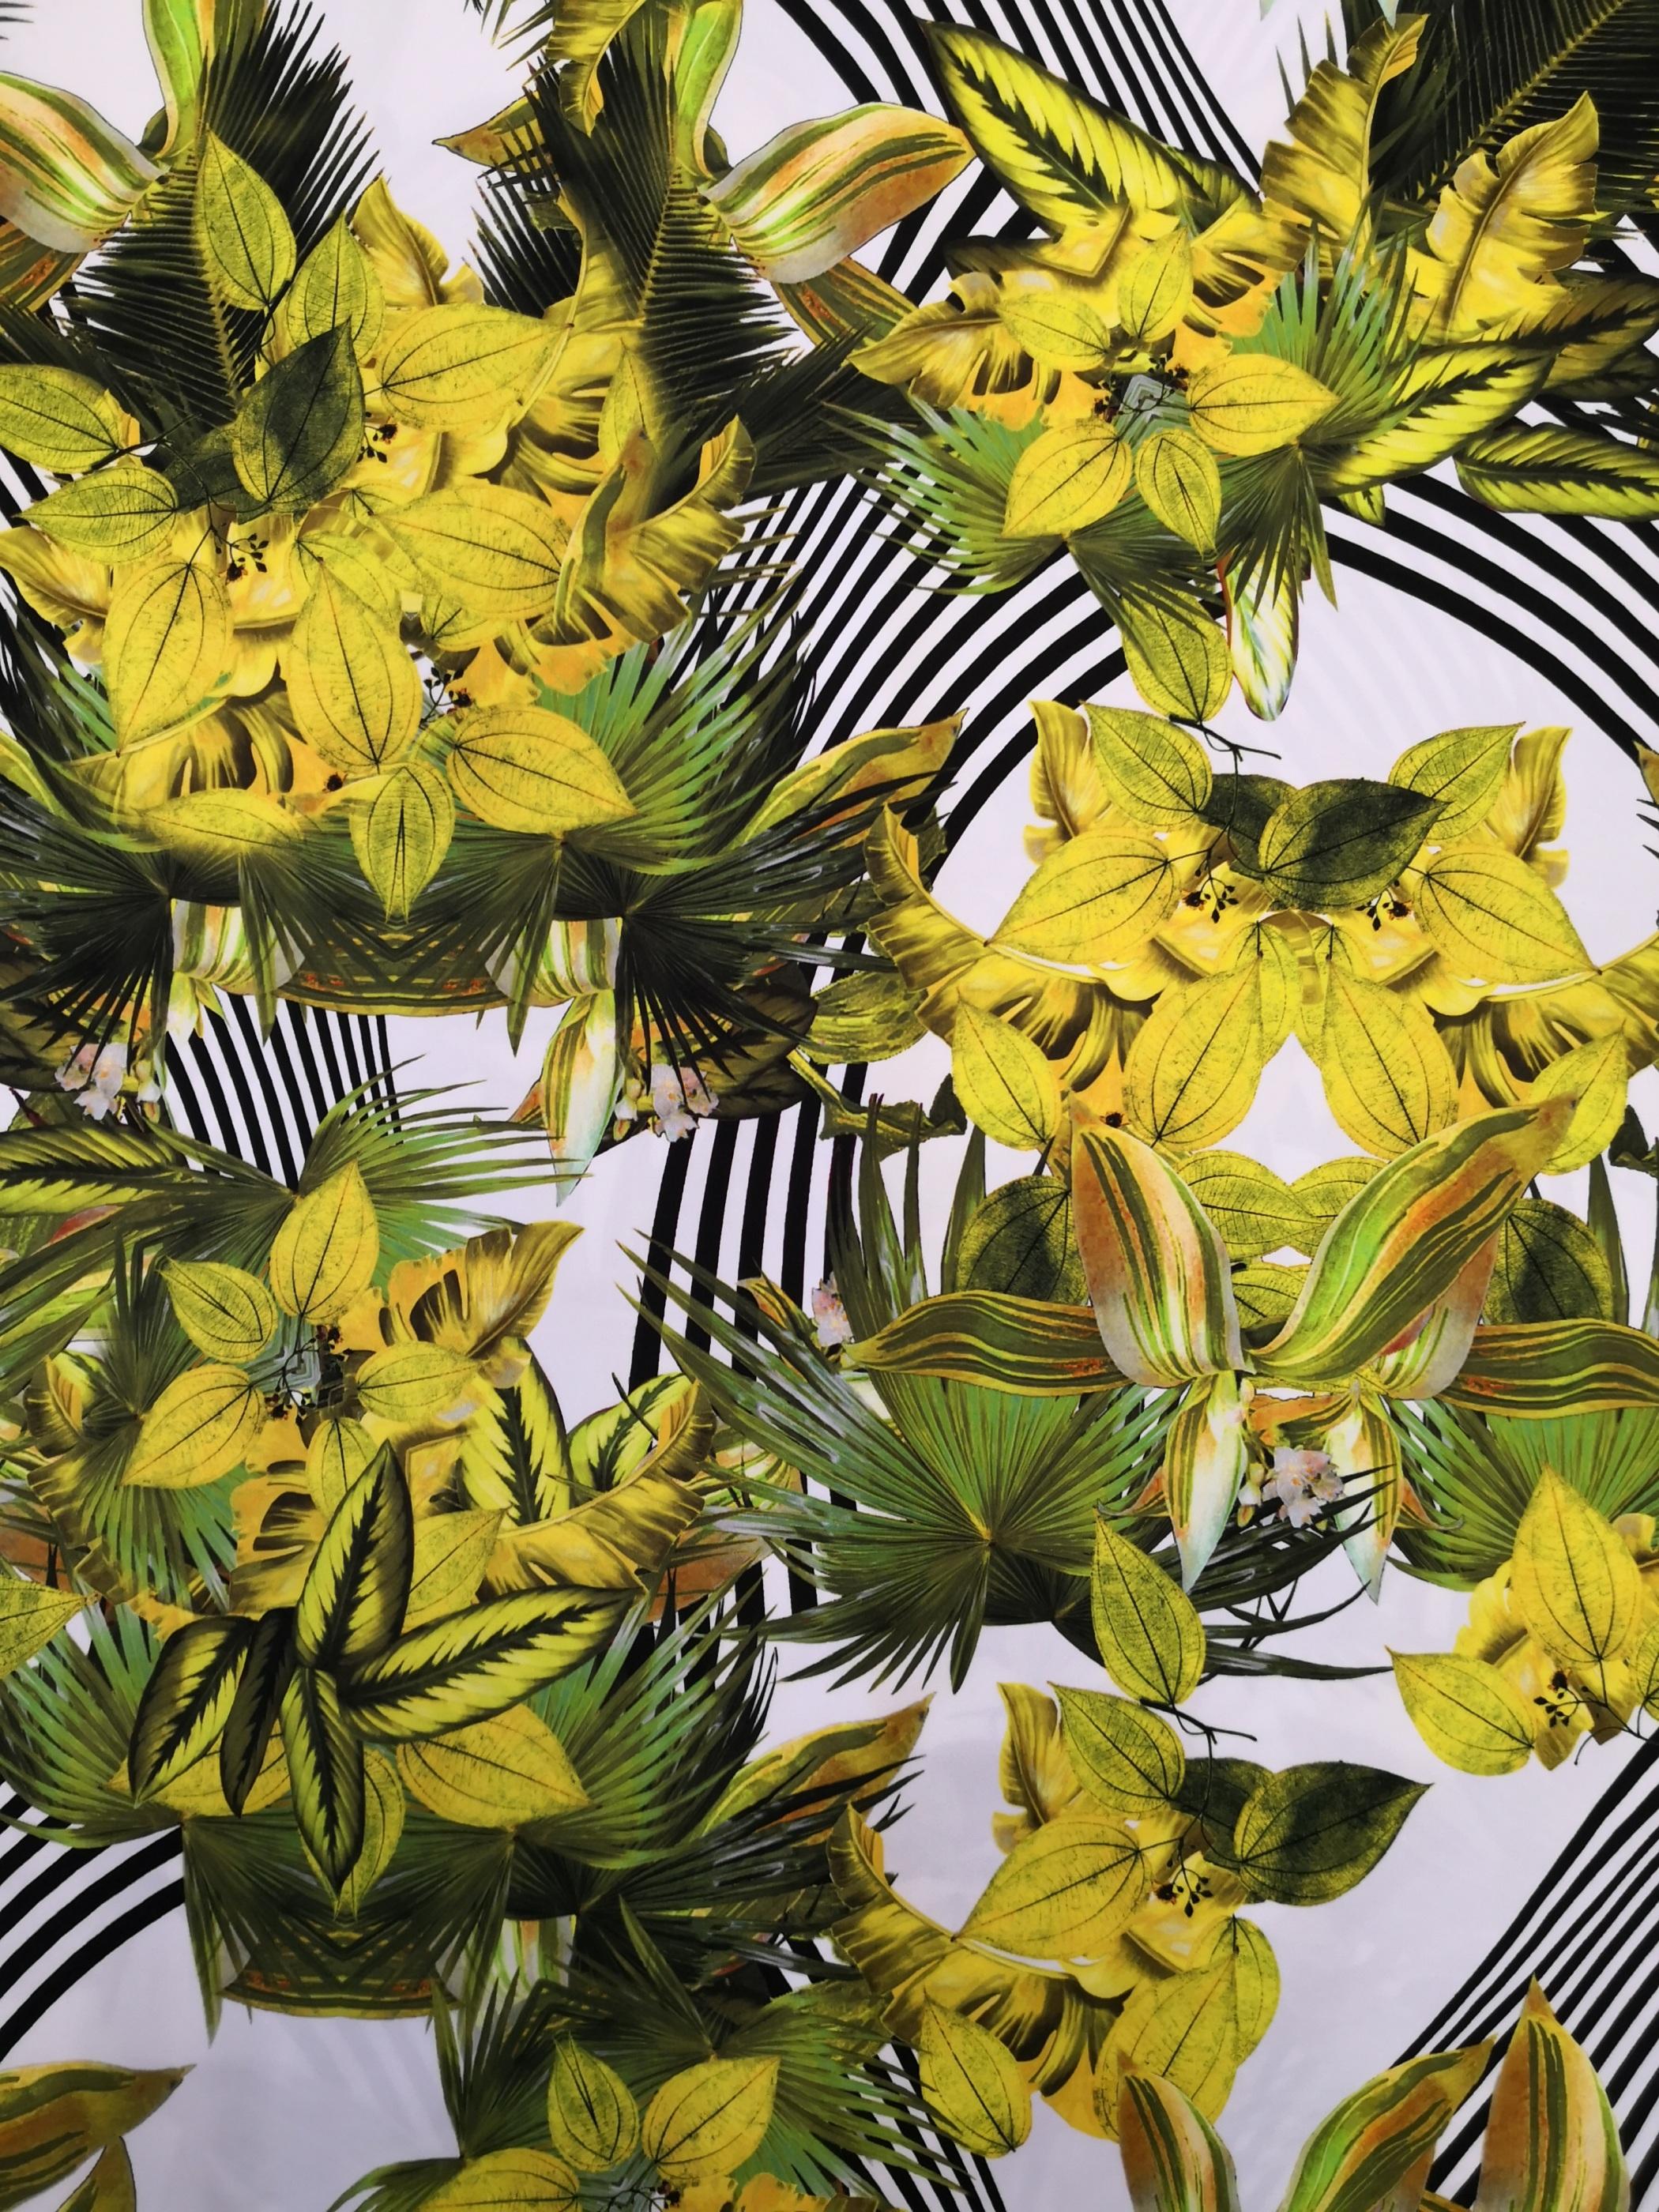 blommor och blad tyglust, tyg, trikå, mode, sy, sömnad, textil design, metervara, tygaffär